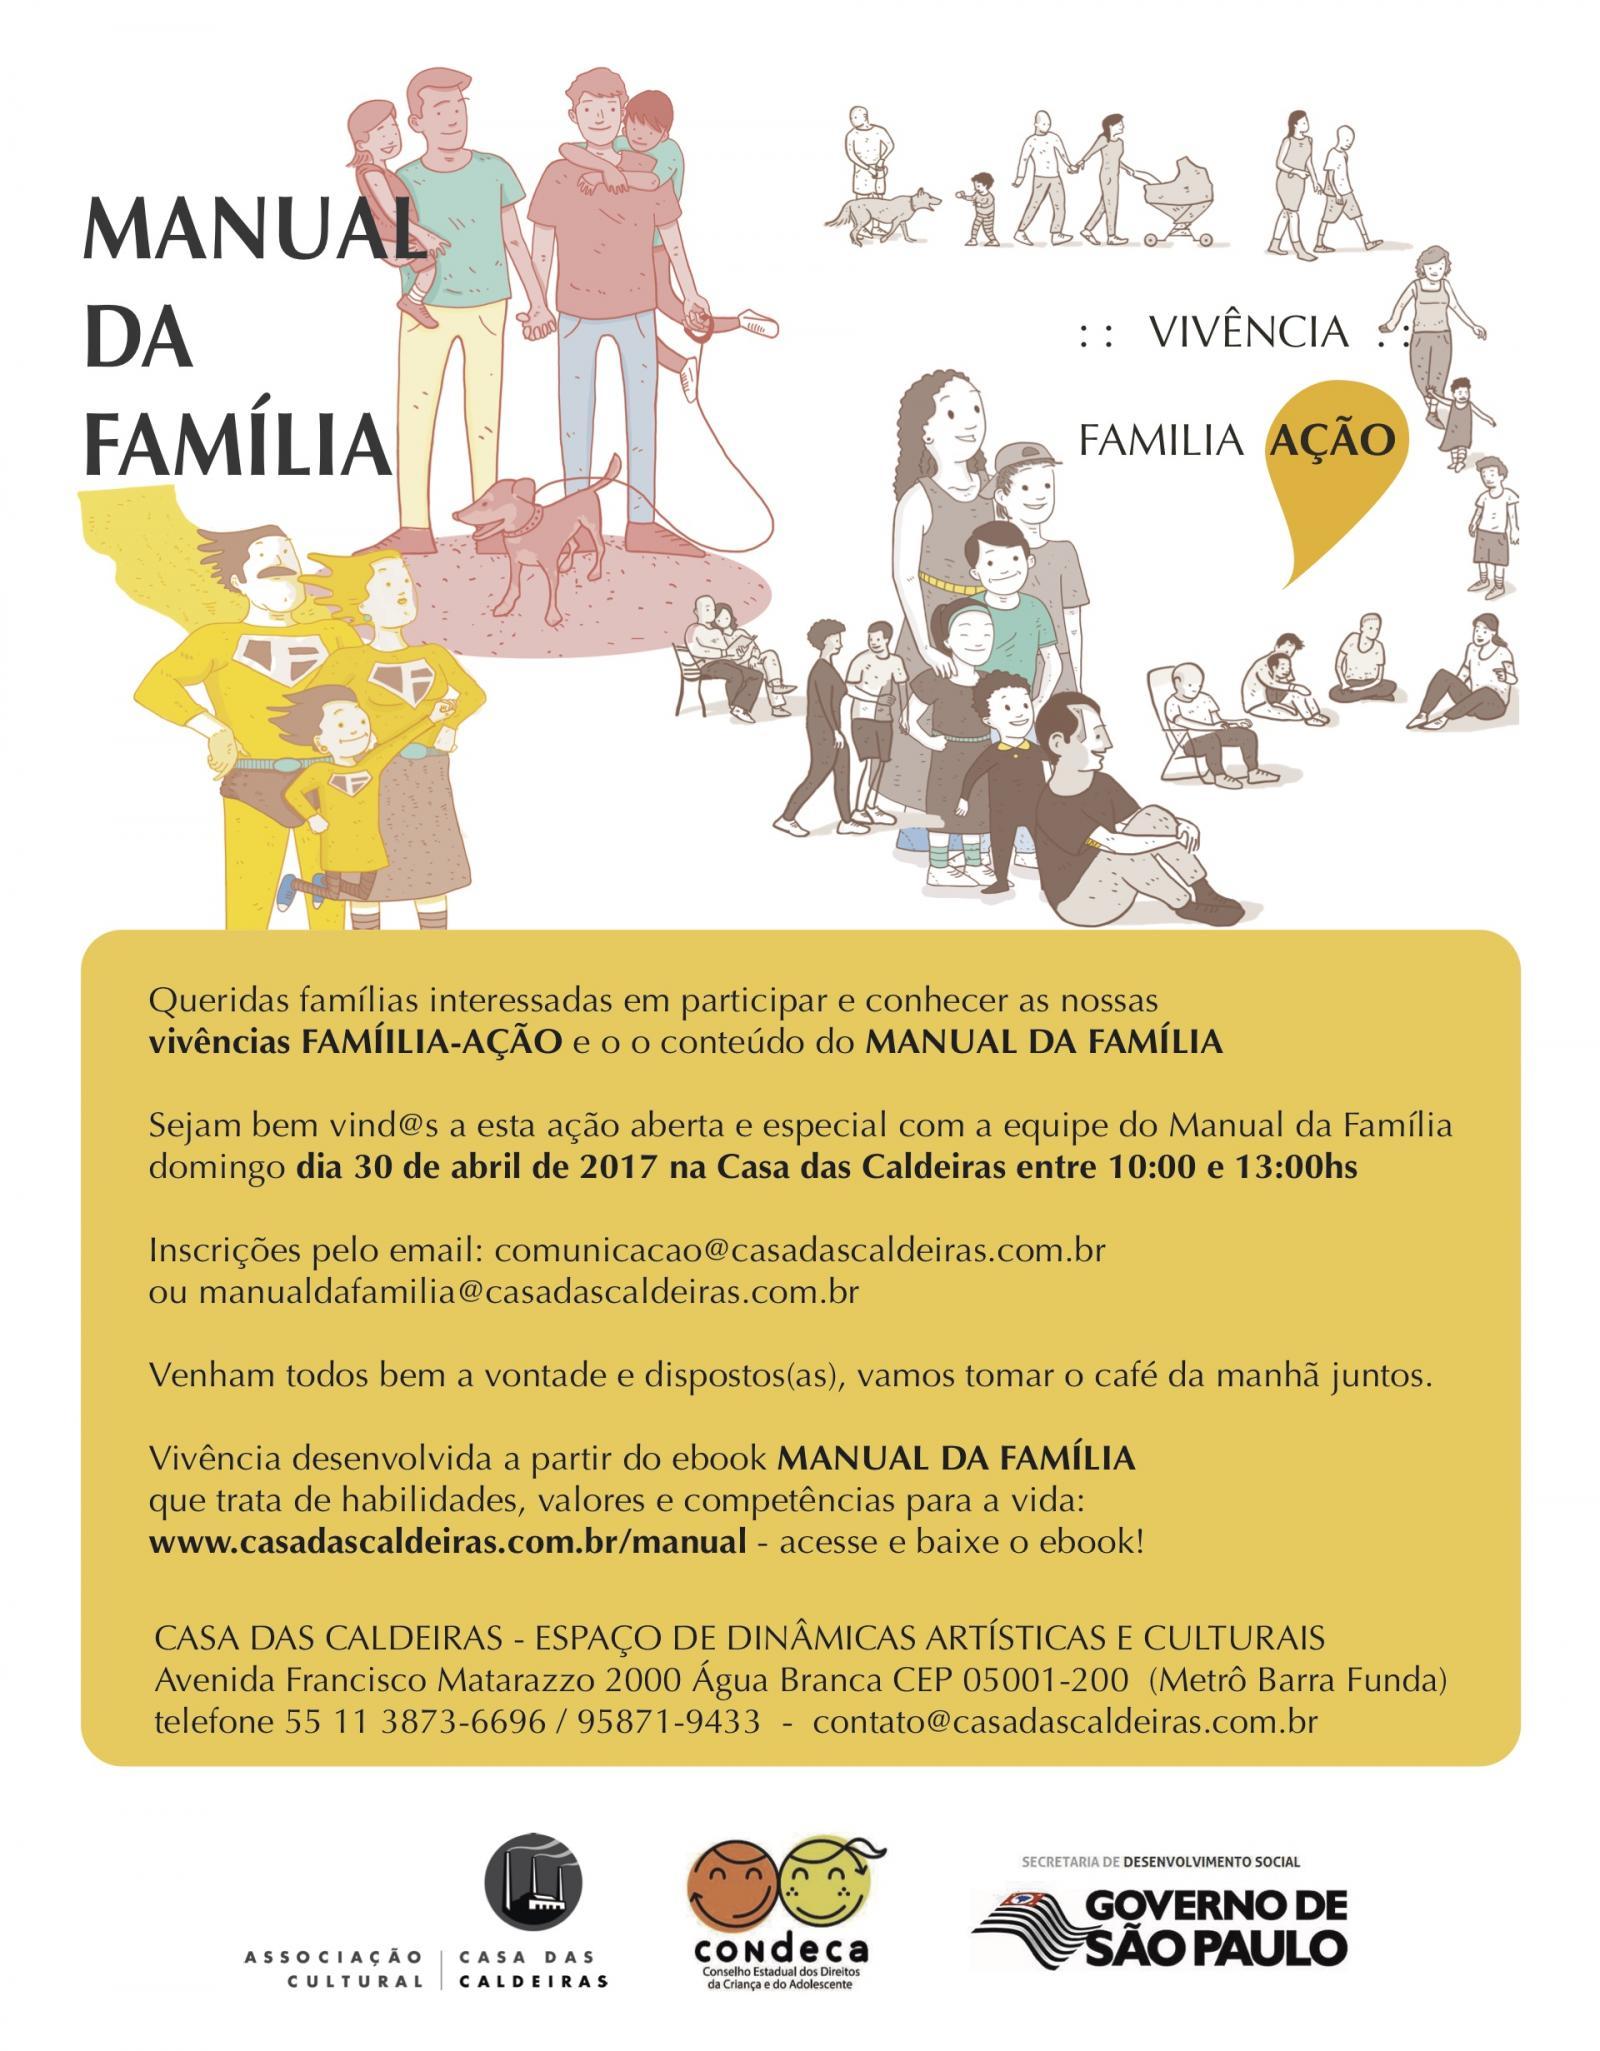 convite para famílias - Tododomingo especial